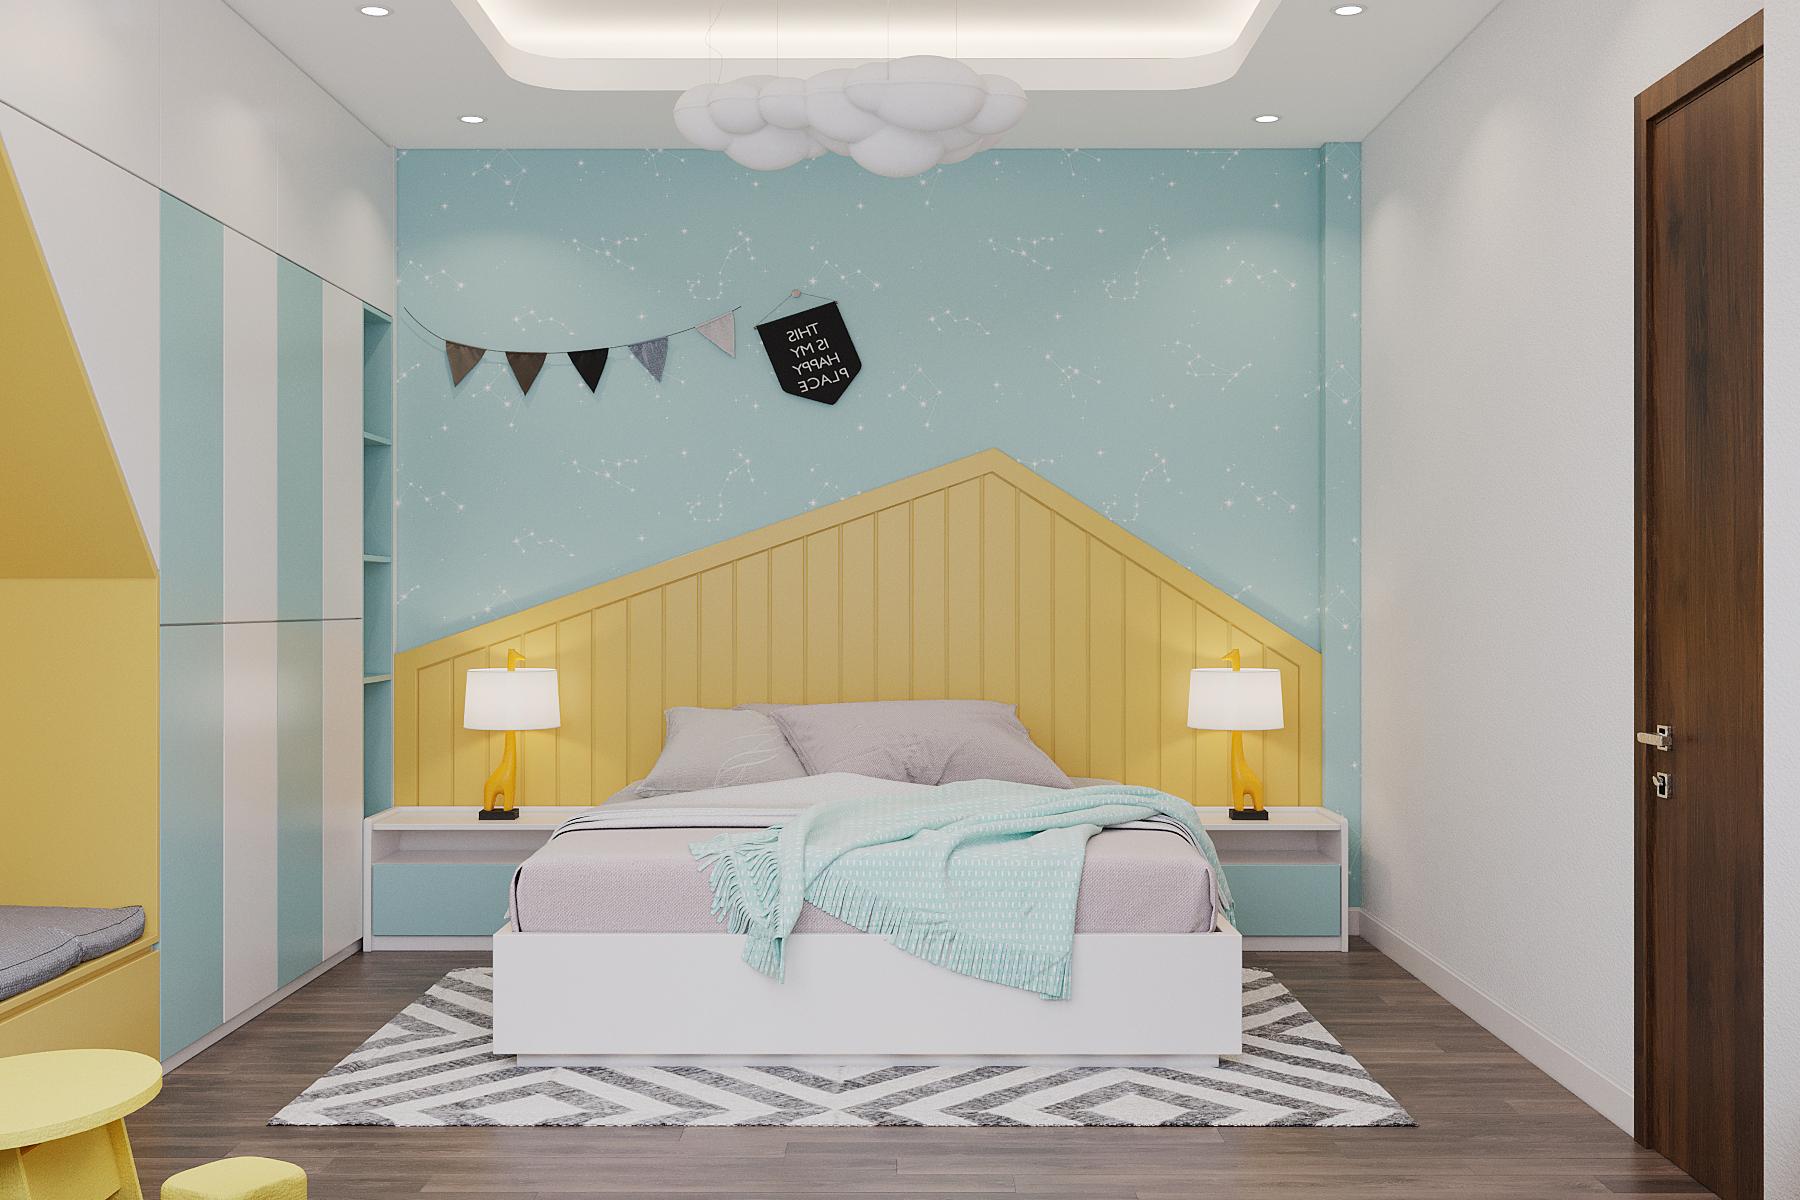 Thiết kế nội thất Nhà tại Quảng Ninh nhà lô anh Hiếu Uông Bí 1627033785 9